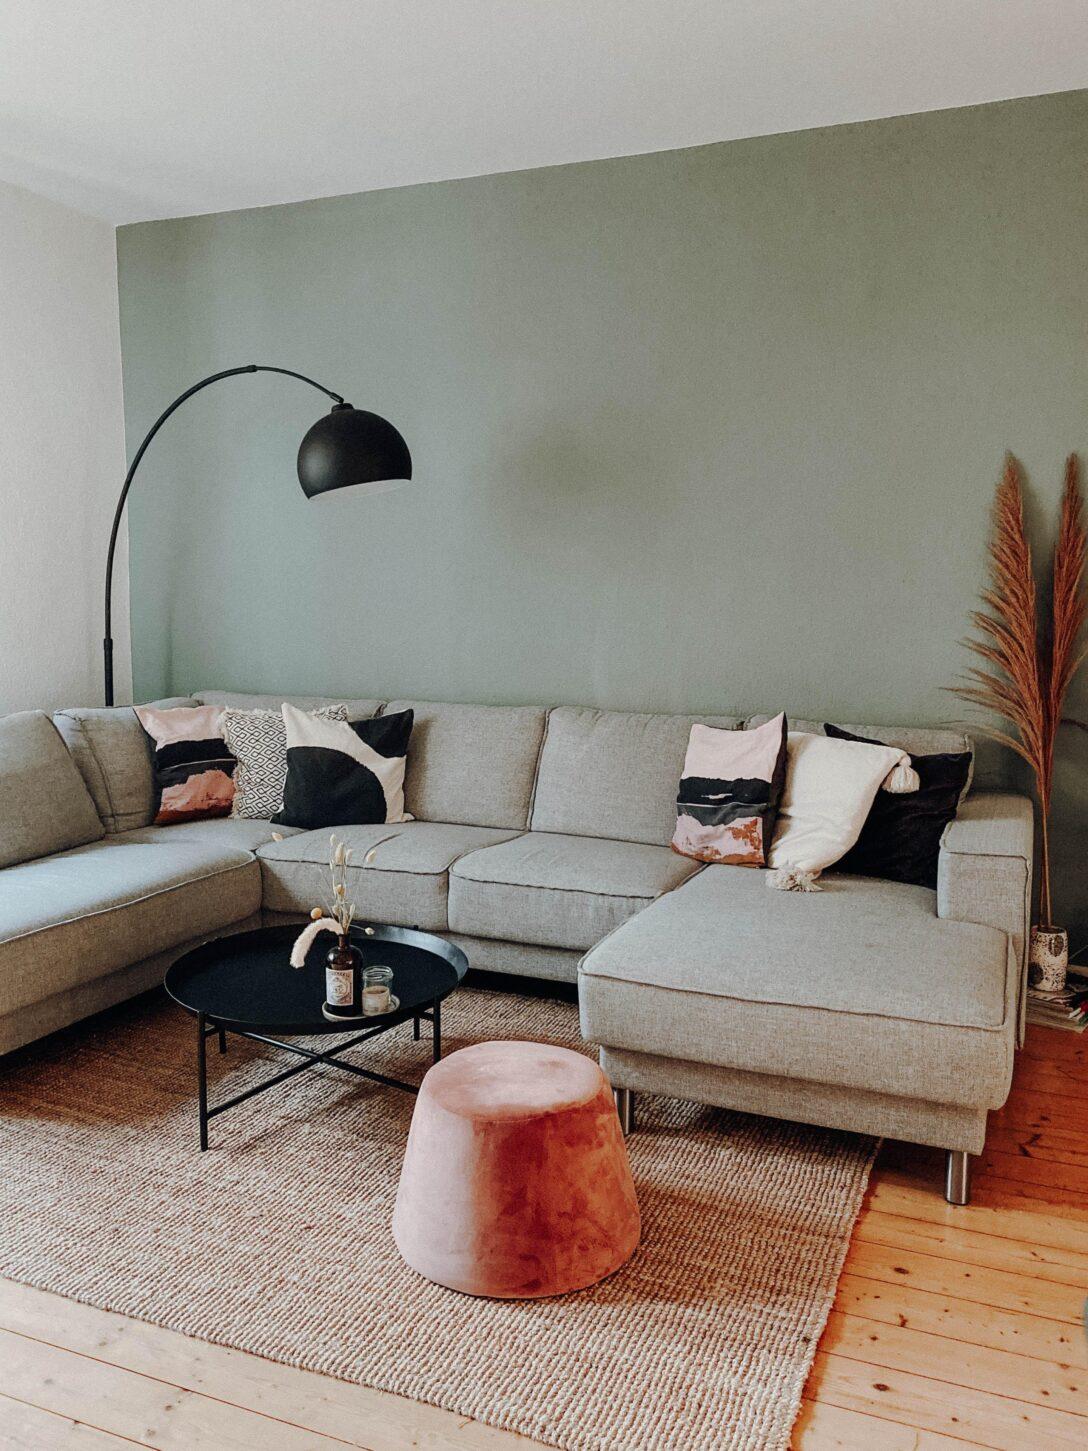 Large Size of Wohnzimmer Ideen Sofa So Findest Du Richtige Couch Frs Großes Bild Hängelampe Deckenlampen Modern Deckenlampe Sessel Deko Lampen Gardine Deckenleuchten Wohnzimmer Wohnzimmer Ideen